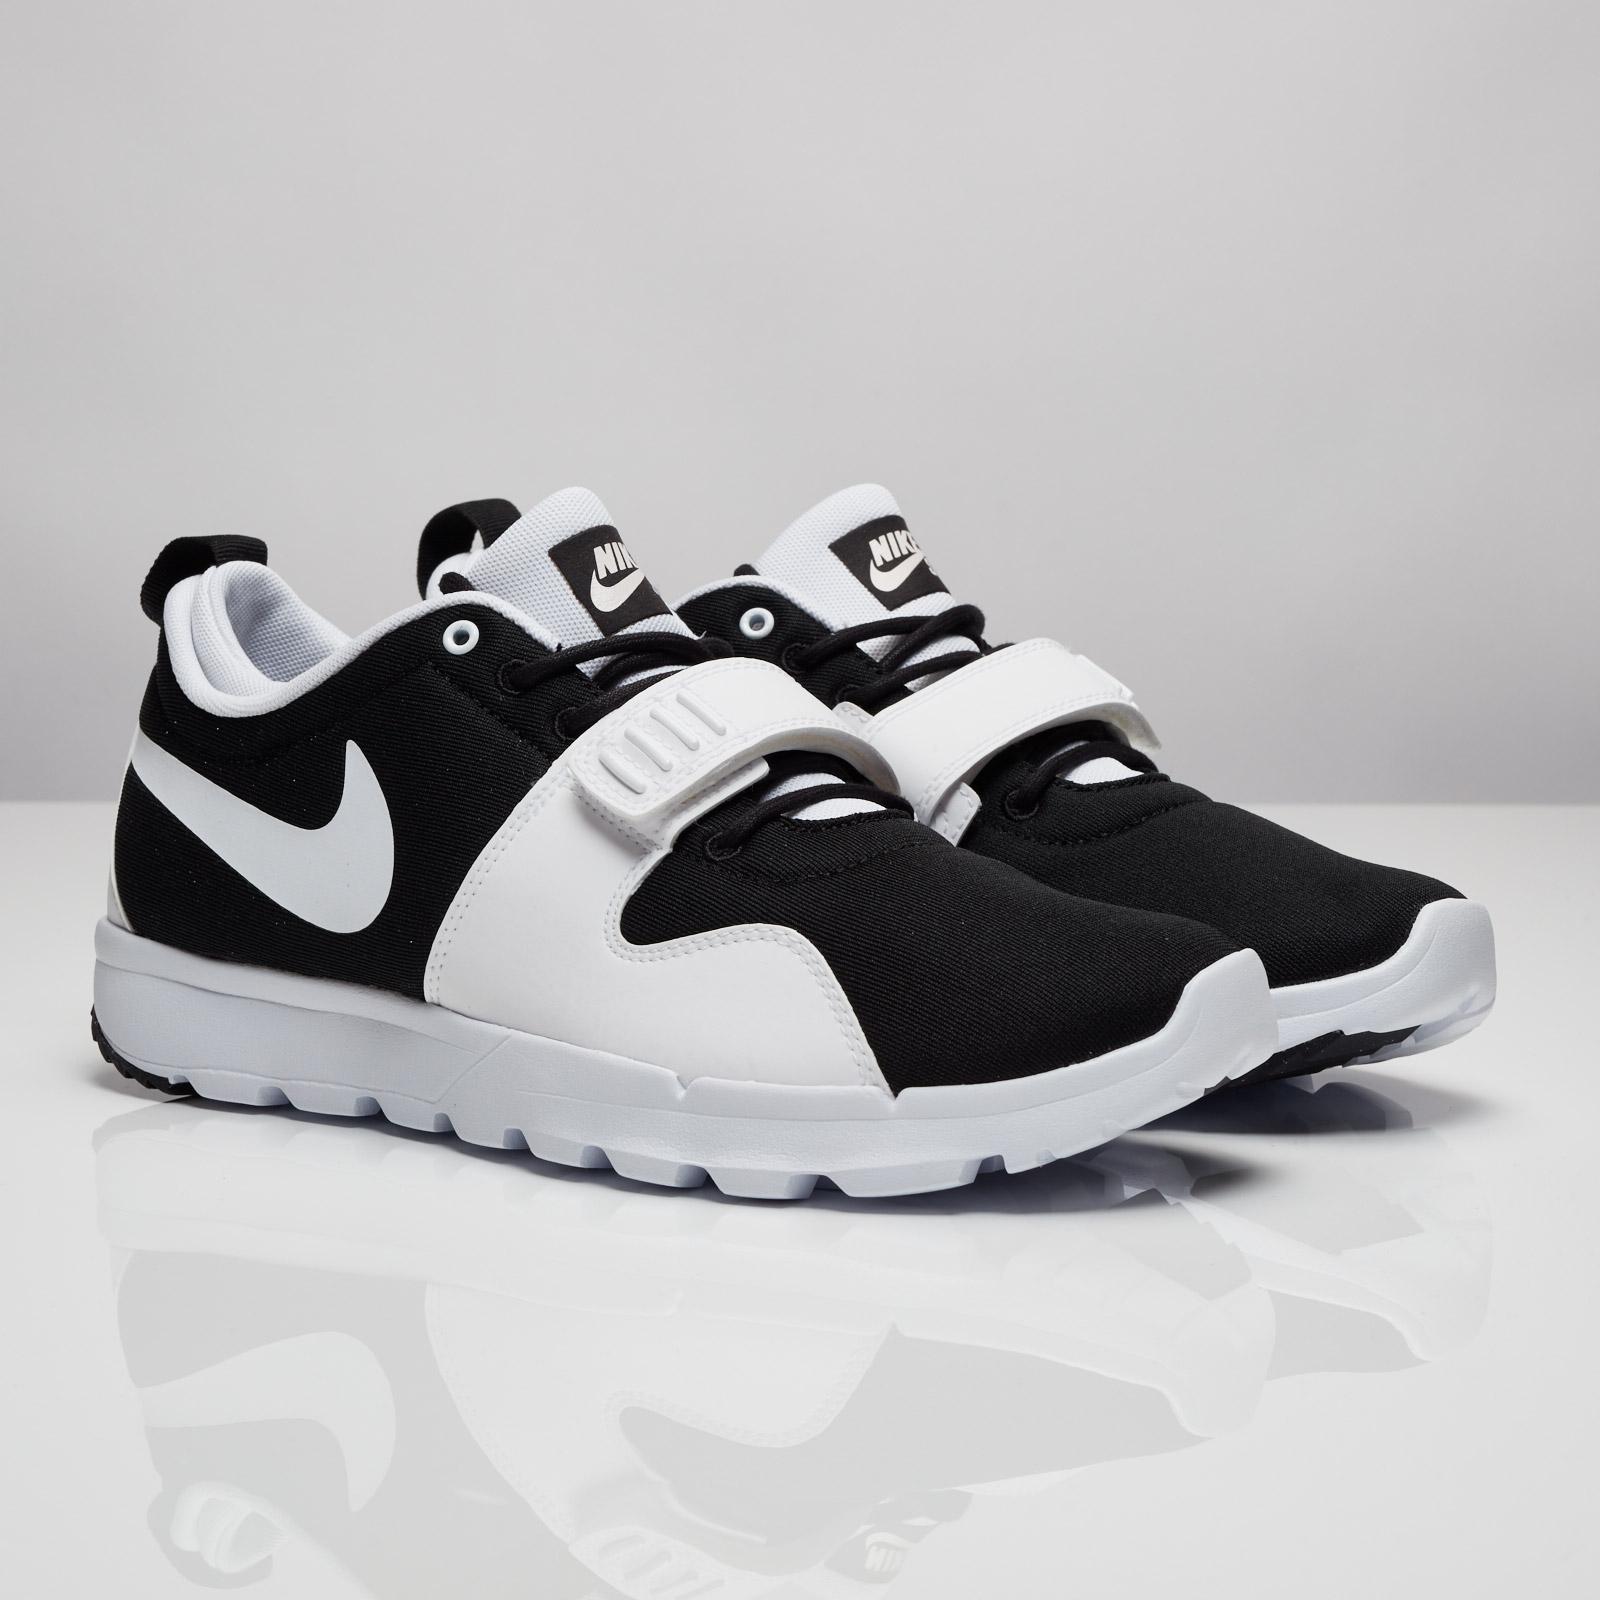 site réputé 564d2 2fc2f Nike Trainerendor SB - 616575-011 - Sneakersnstuff ...